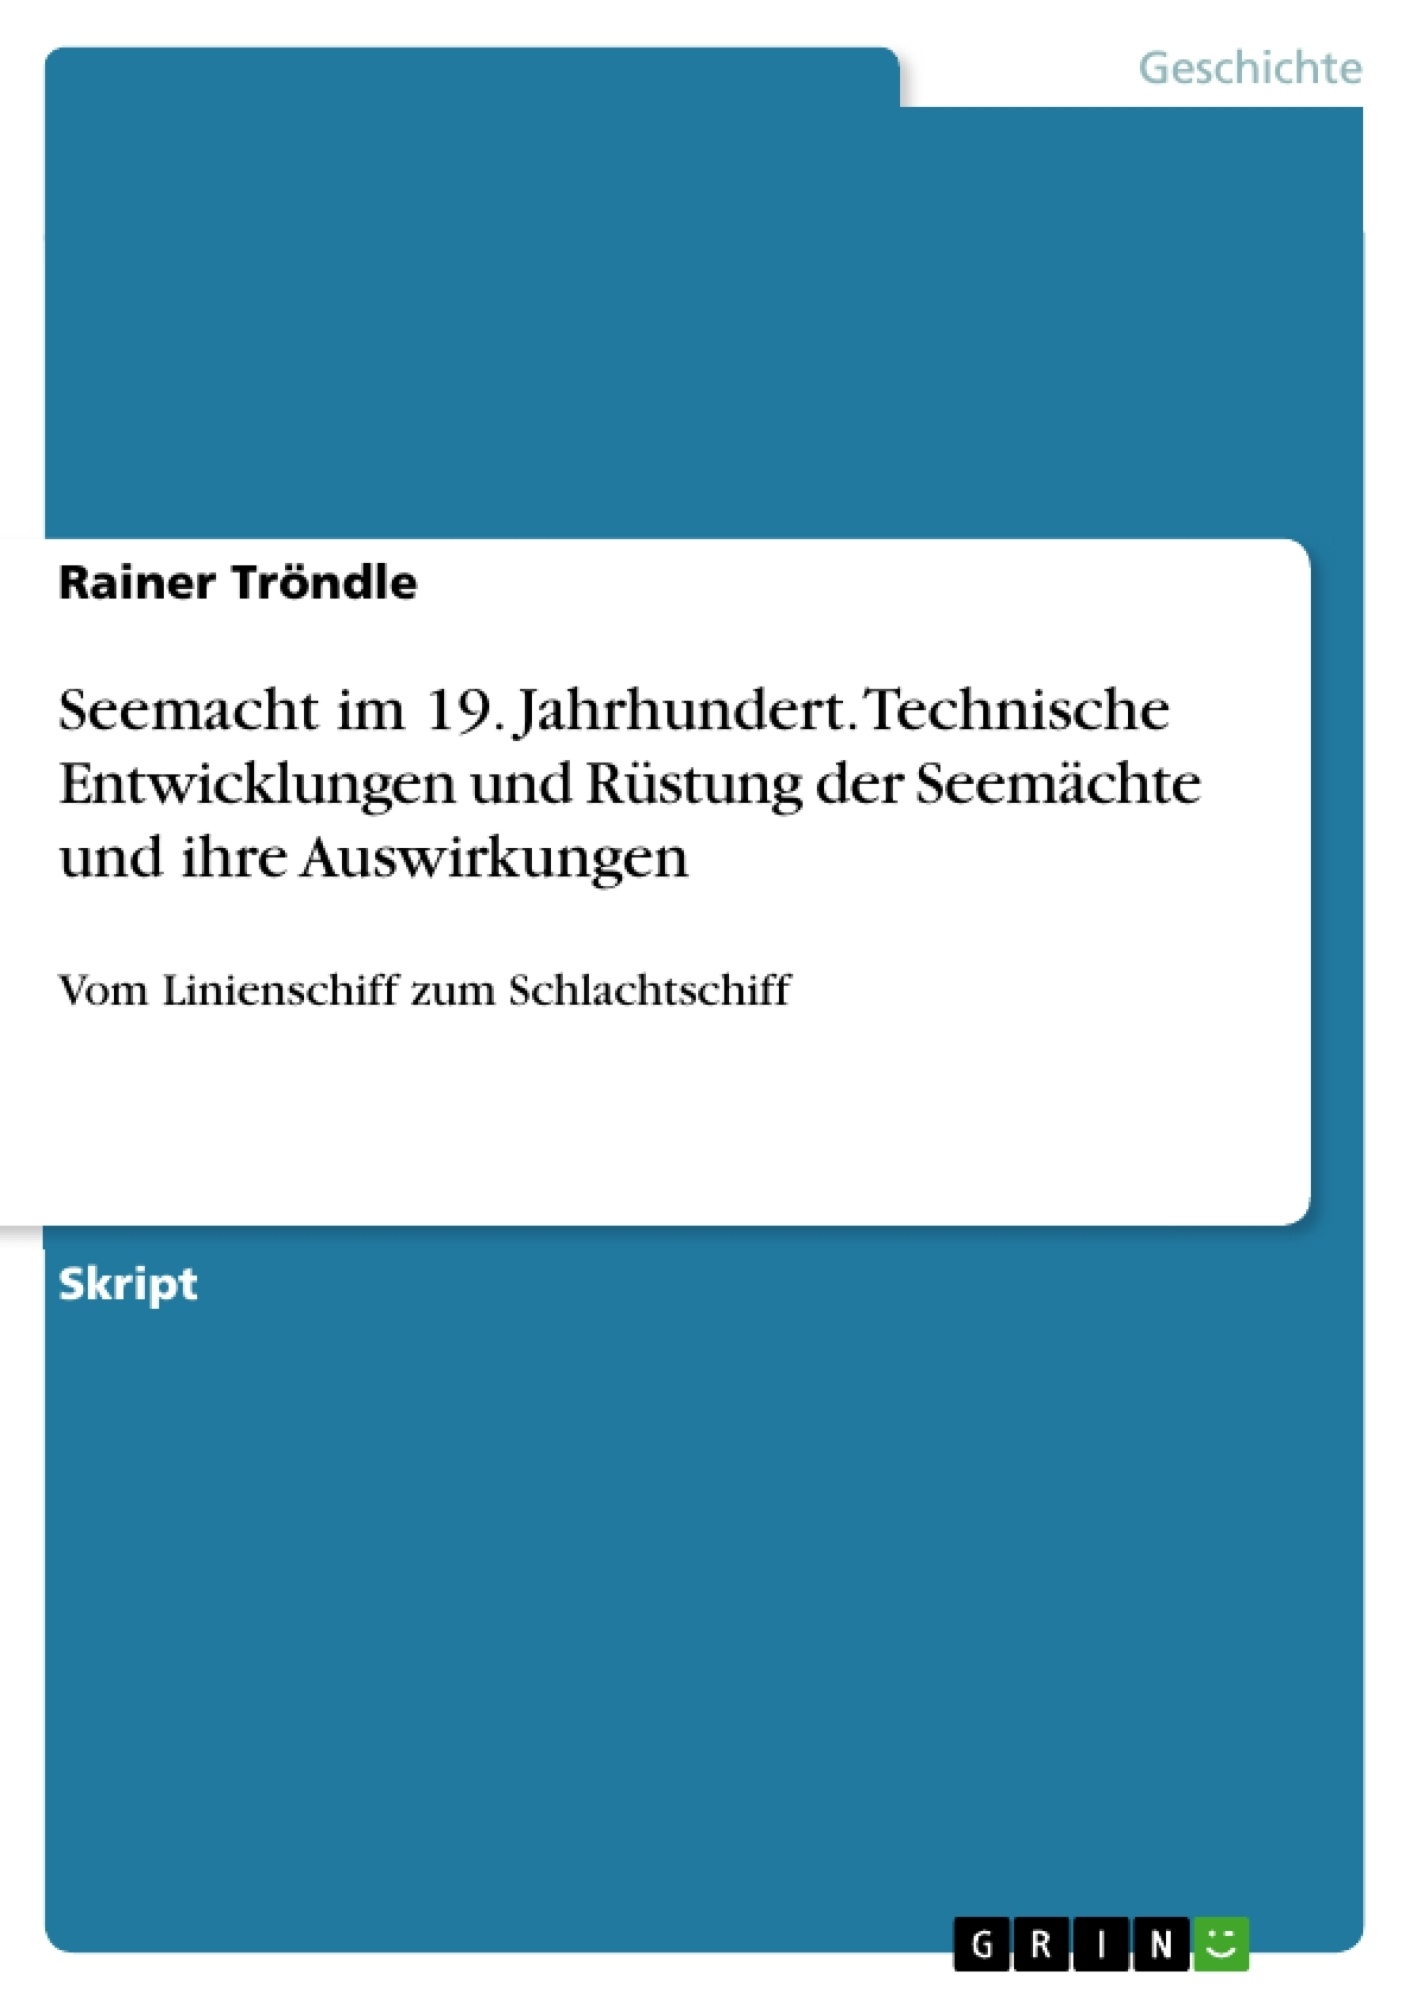 Titel: Seemacht im 19. Jahrhundert. Technische Entwicklungen und Rüstung der Seemächte und ihre Auswirkungen